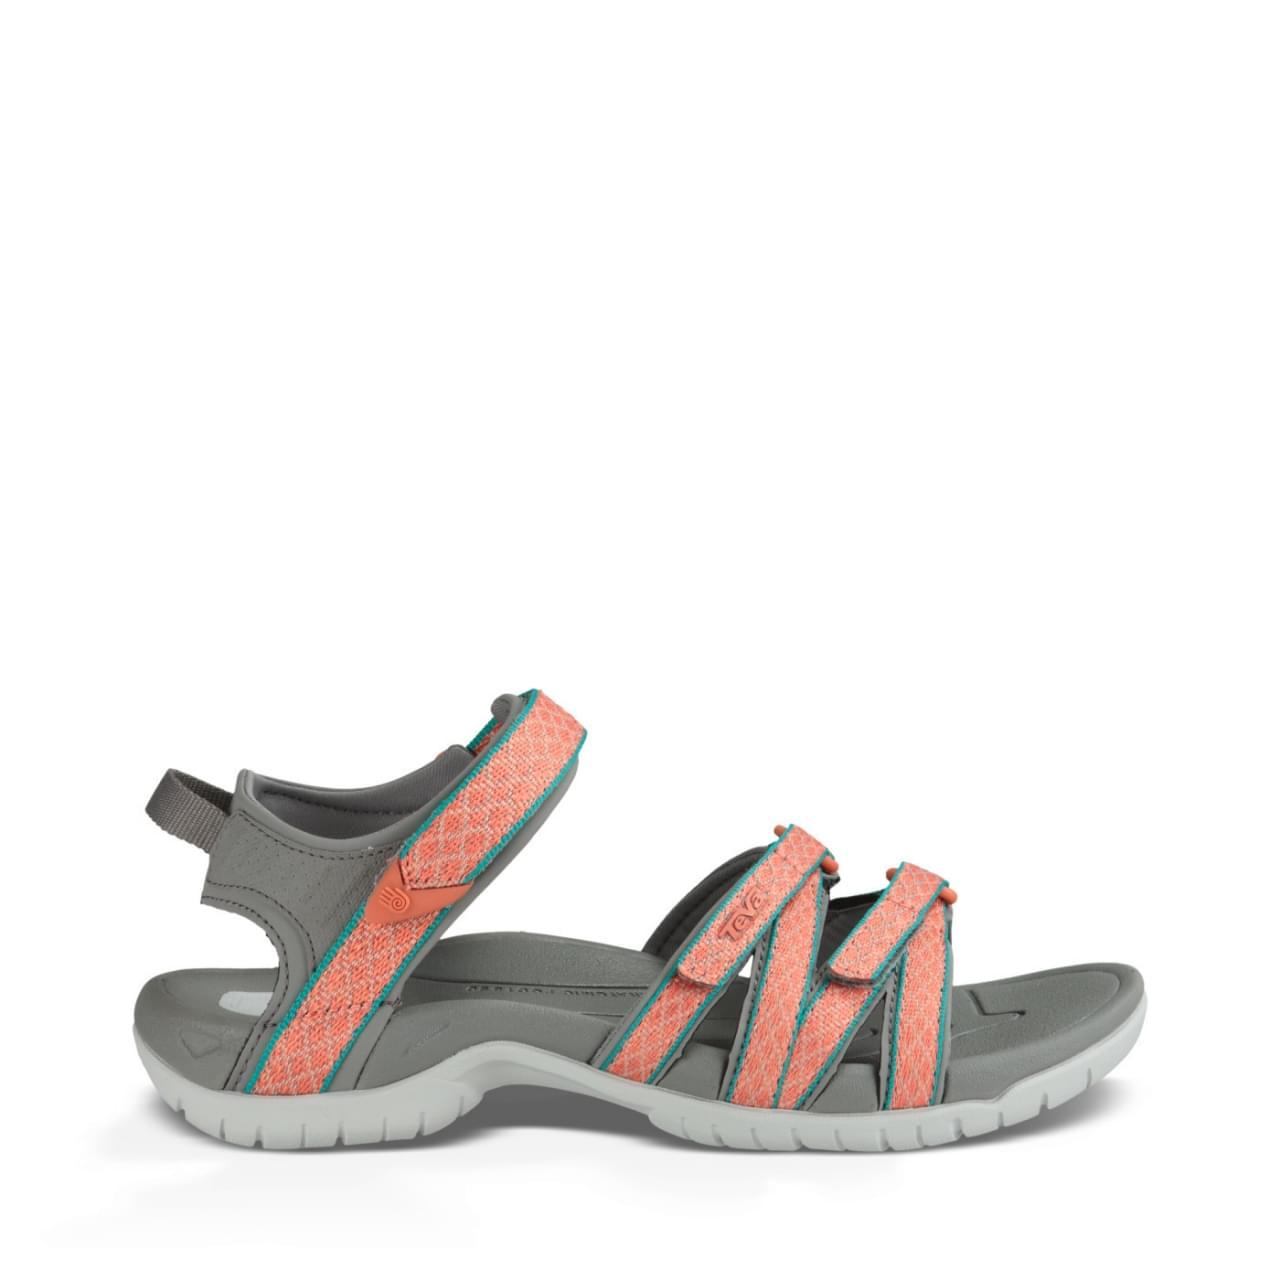 Teva Tirra Dames sandaal